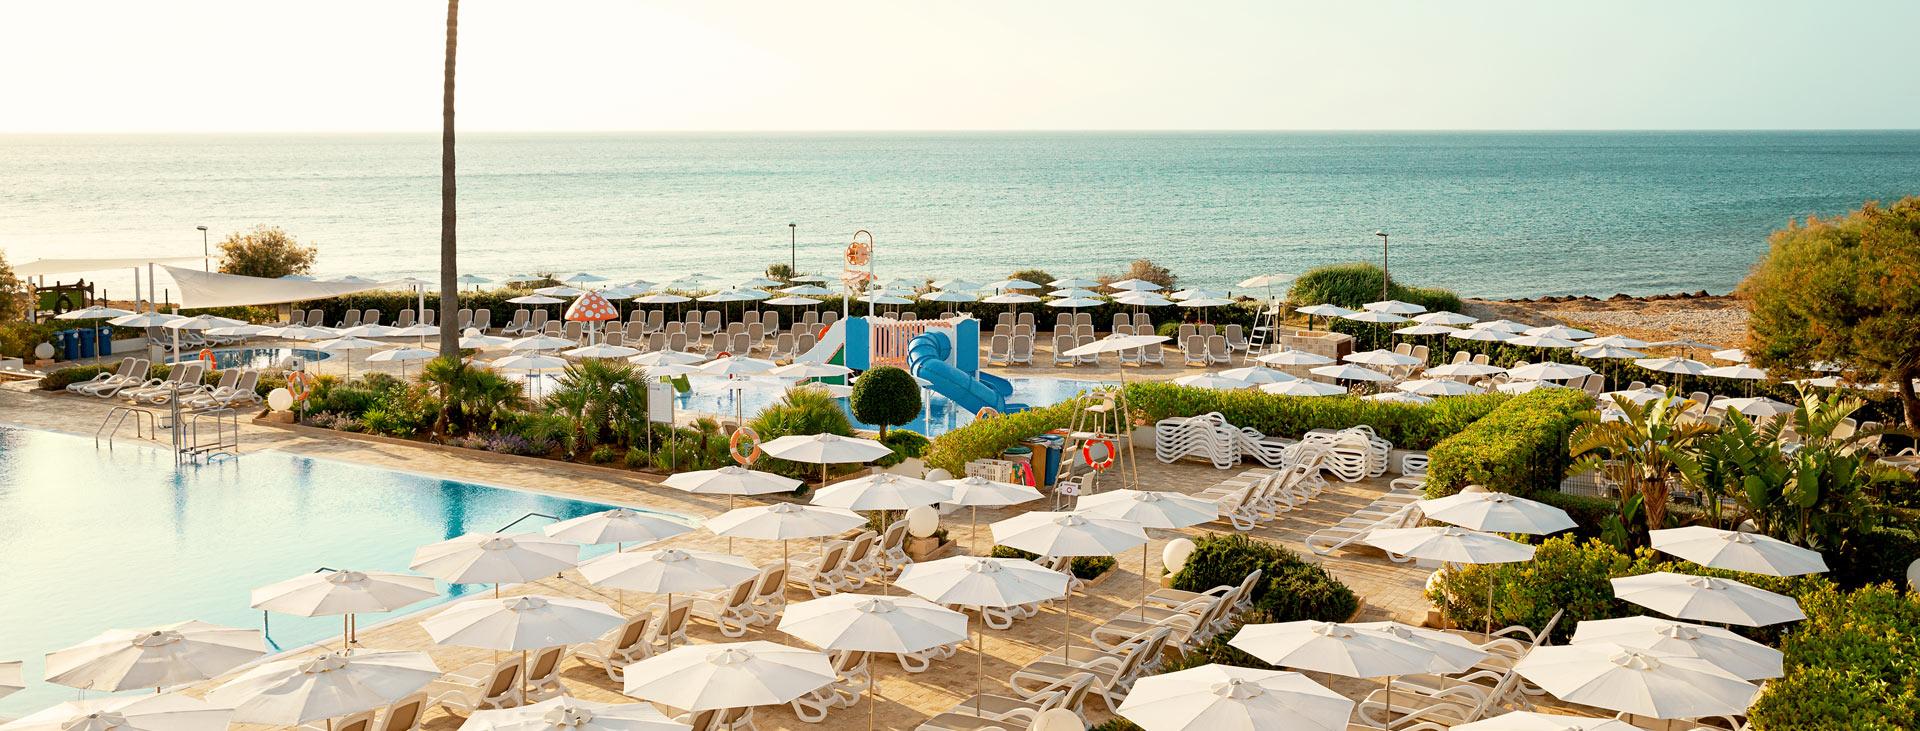 Sunwing Cala Bona Beach i Cala Bona - Familjesemester med Ving 642ebbf09ba6e